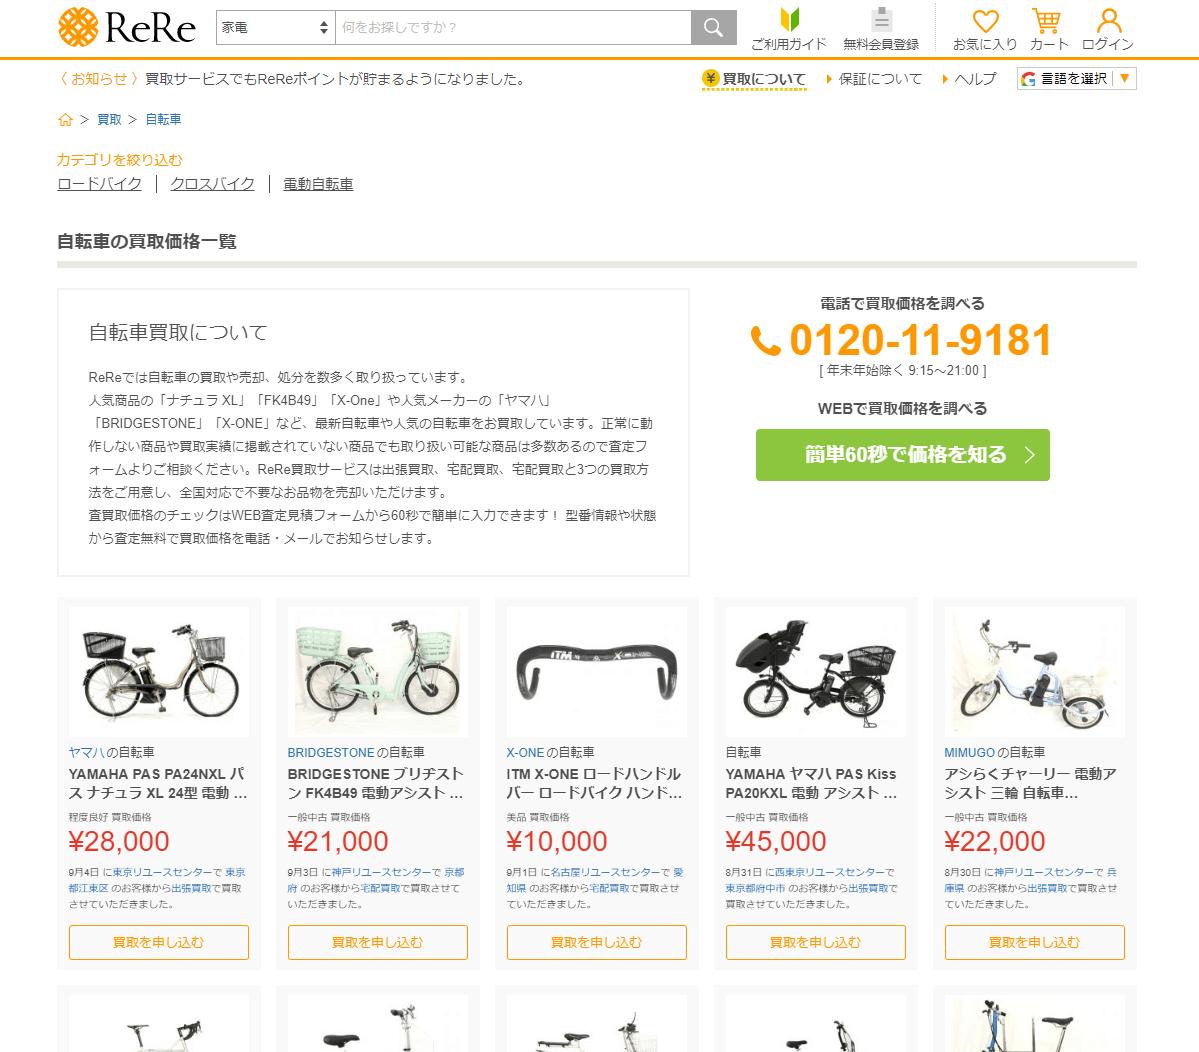 ReRe自転車買取